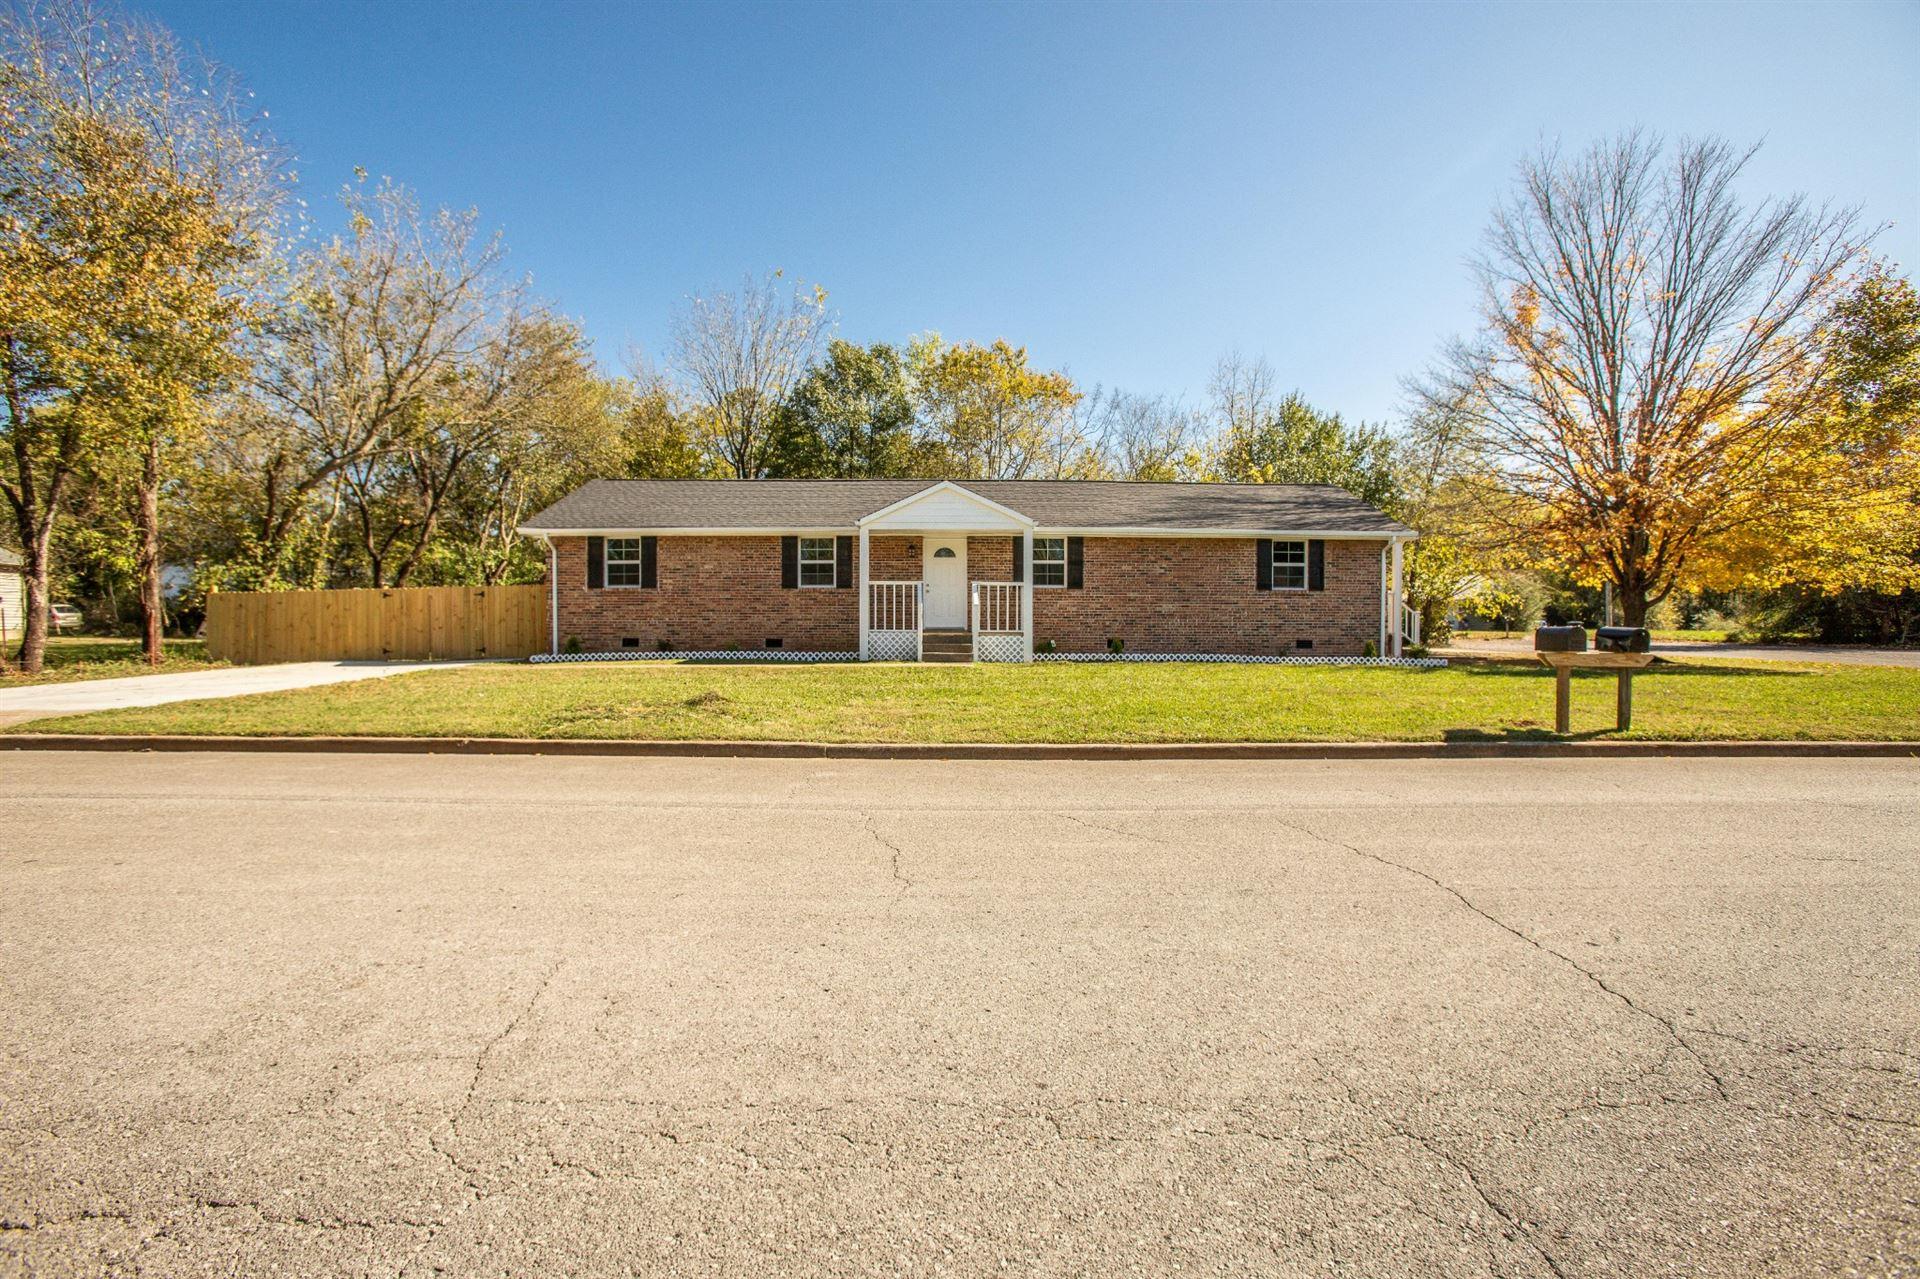 807 Riviera Dr, Murfreesboro, TN 37130 - MLS#: 2205214